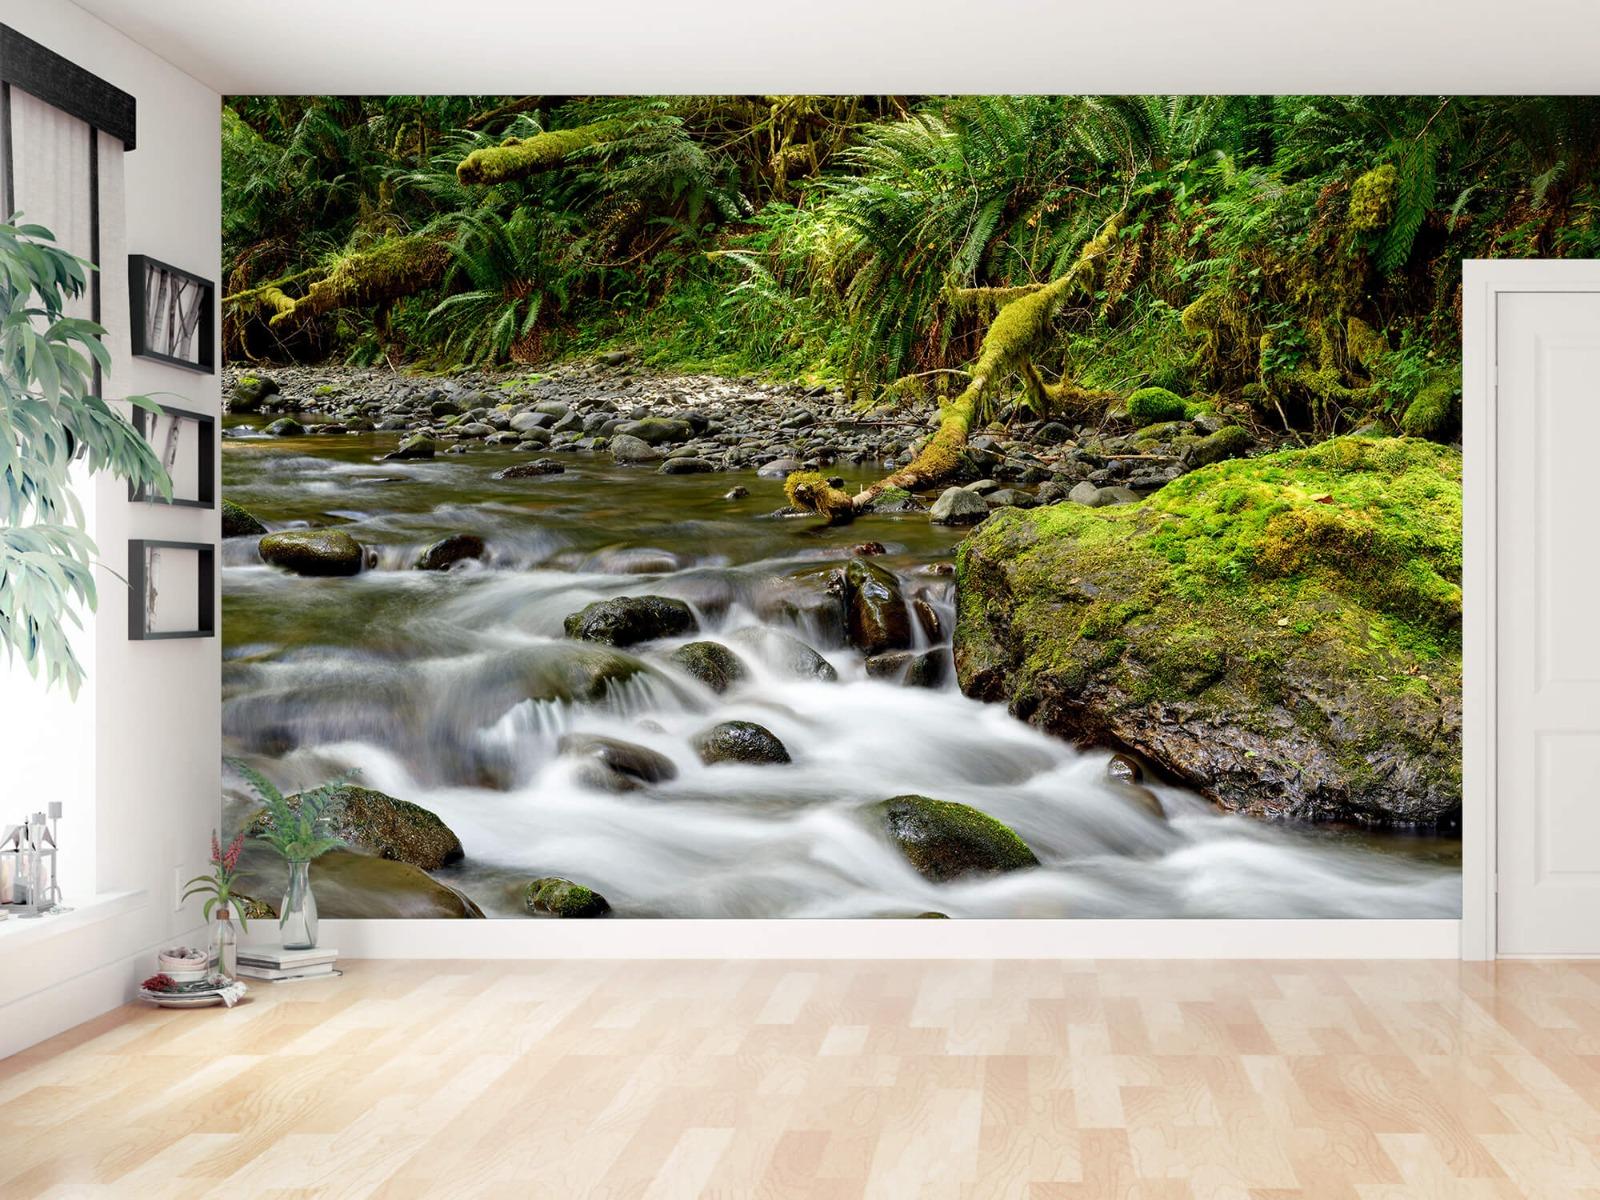 Meertjes en Wateren - Groen rotsblok met riviertje - Wallexclusive - Slaapkamer 12